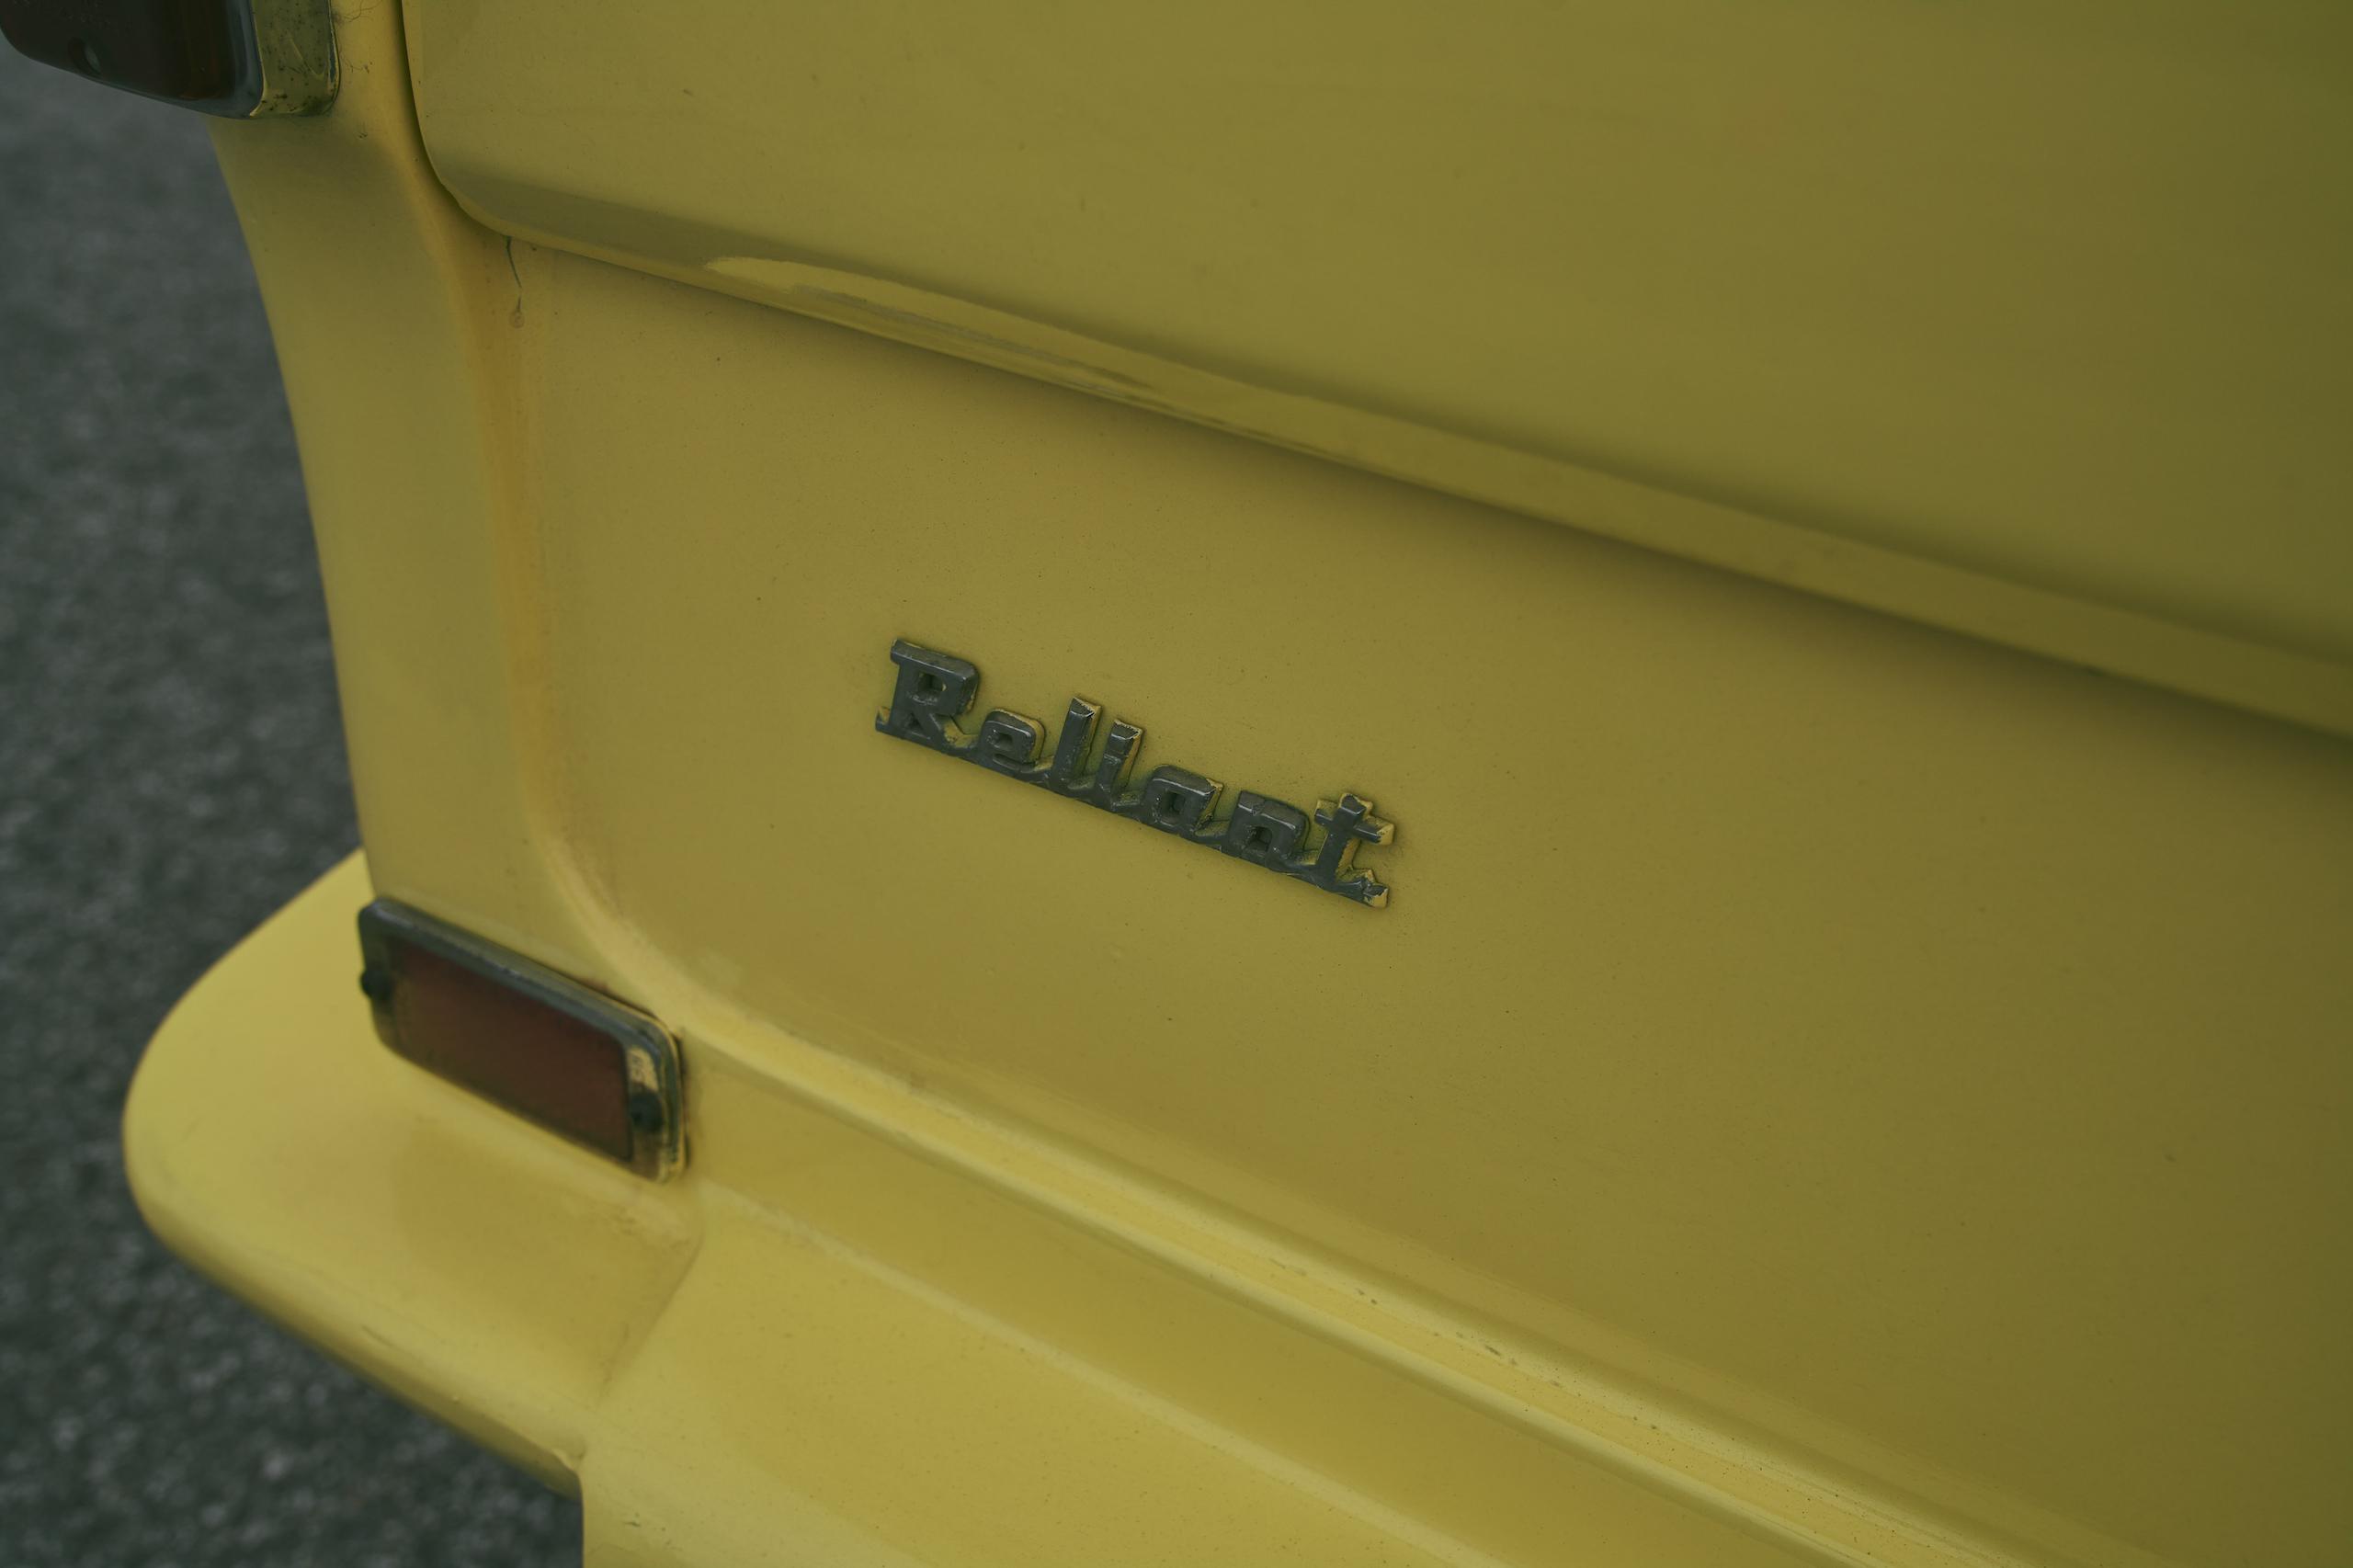 1971 Reliant Regal 330 badge